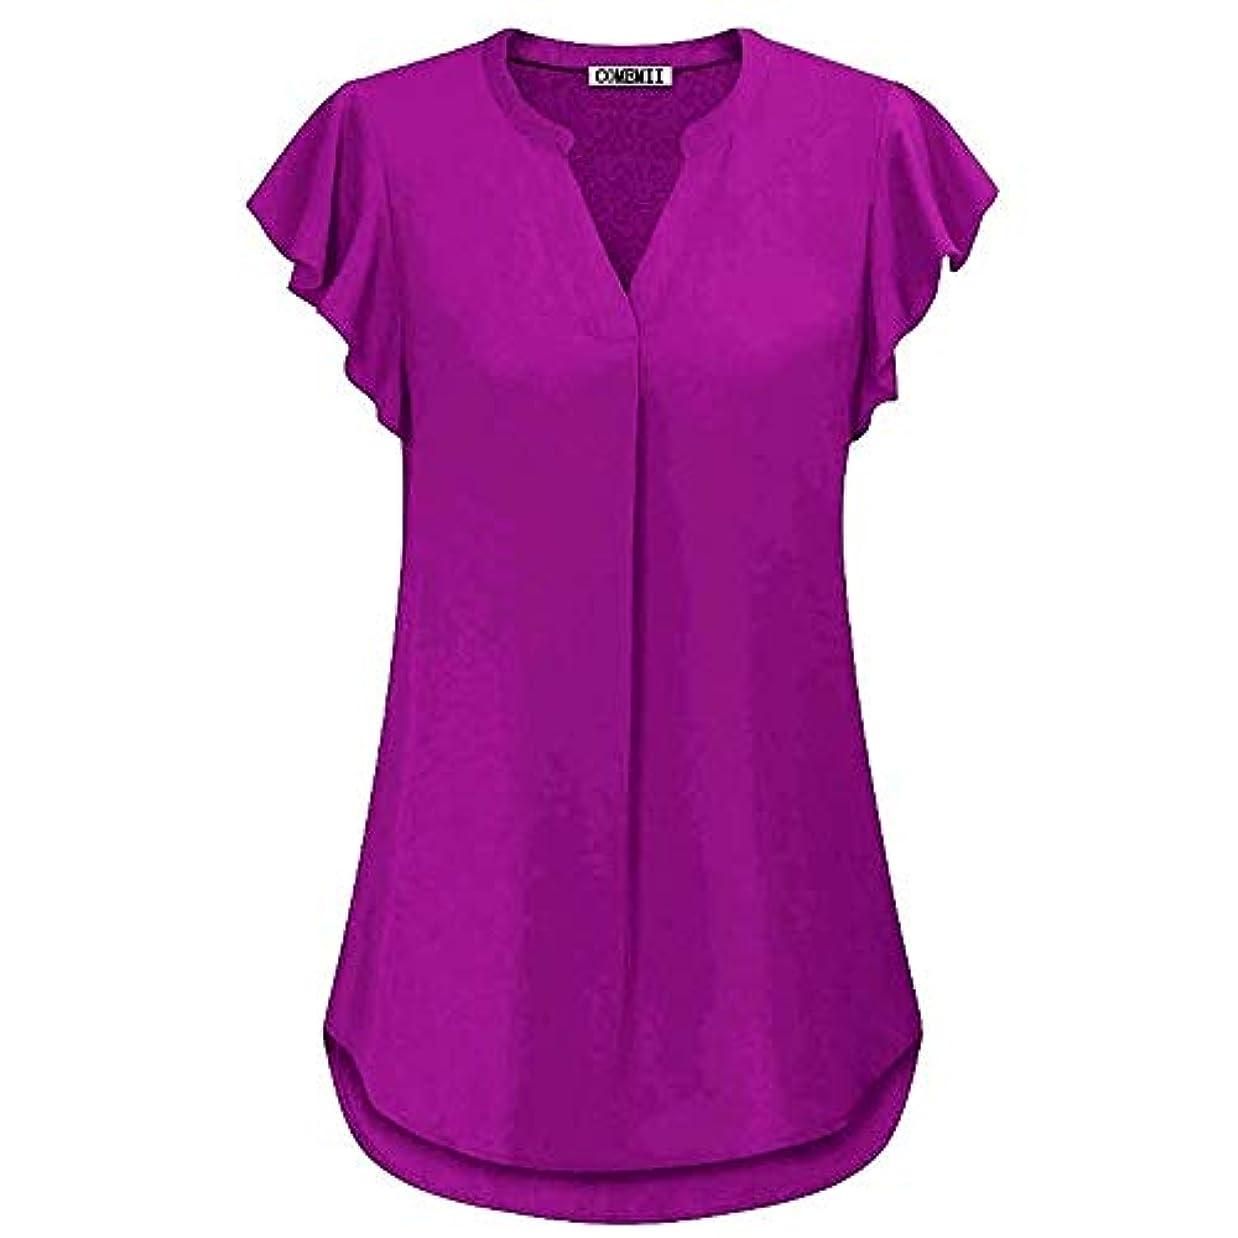 逃れる所持電卓MIFAN女性ブラウス、シフォンブラウス、カジュアルTシャツ、ゆったりしたTシャツ、夏用トップス、シフォンシャツ、半袖、プラスサイズのファッション